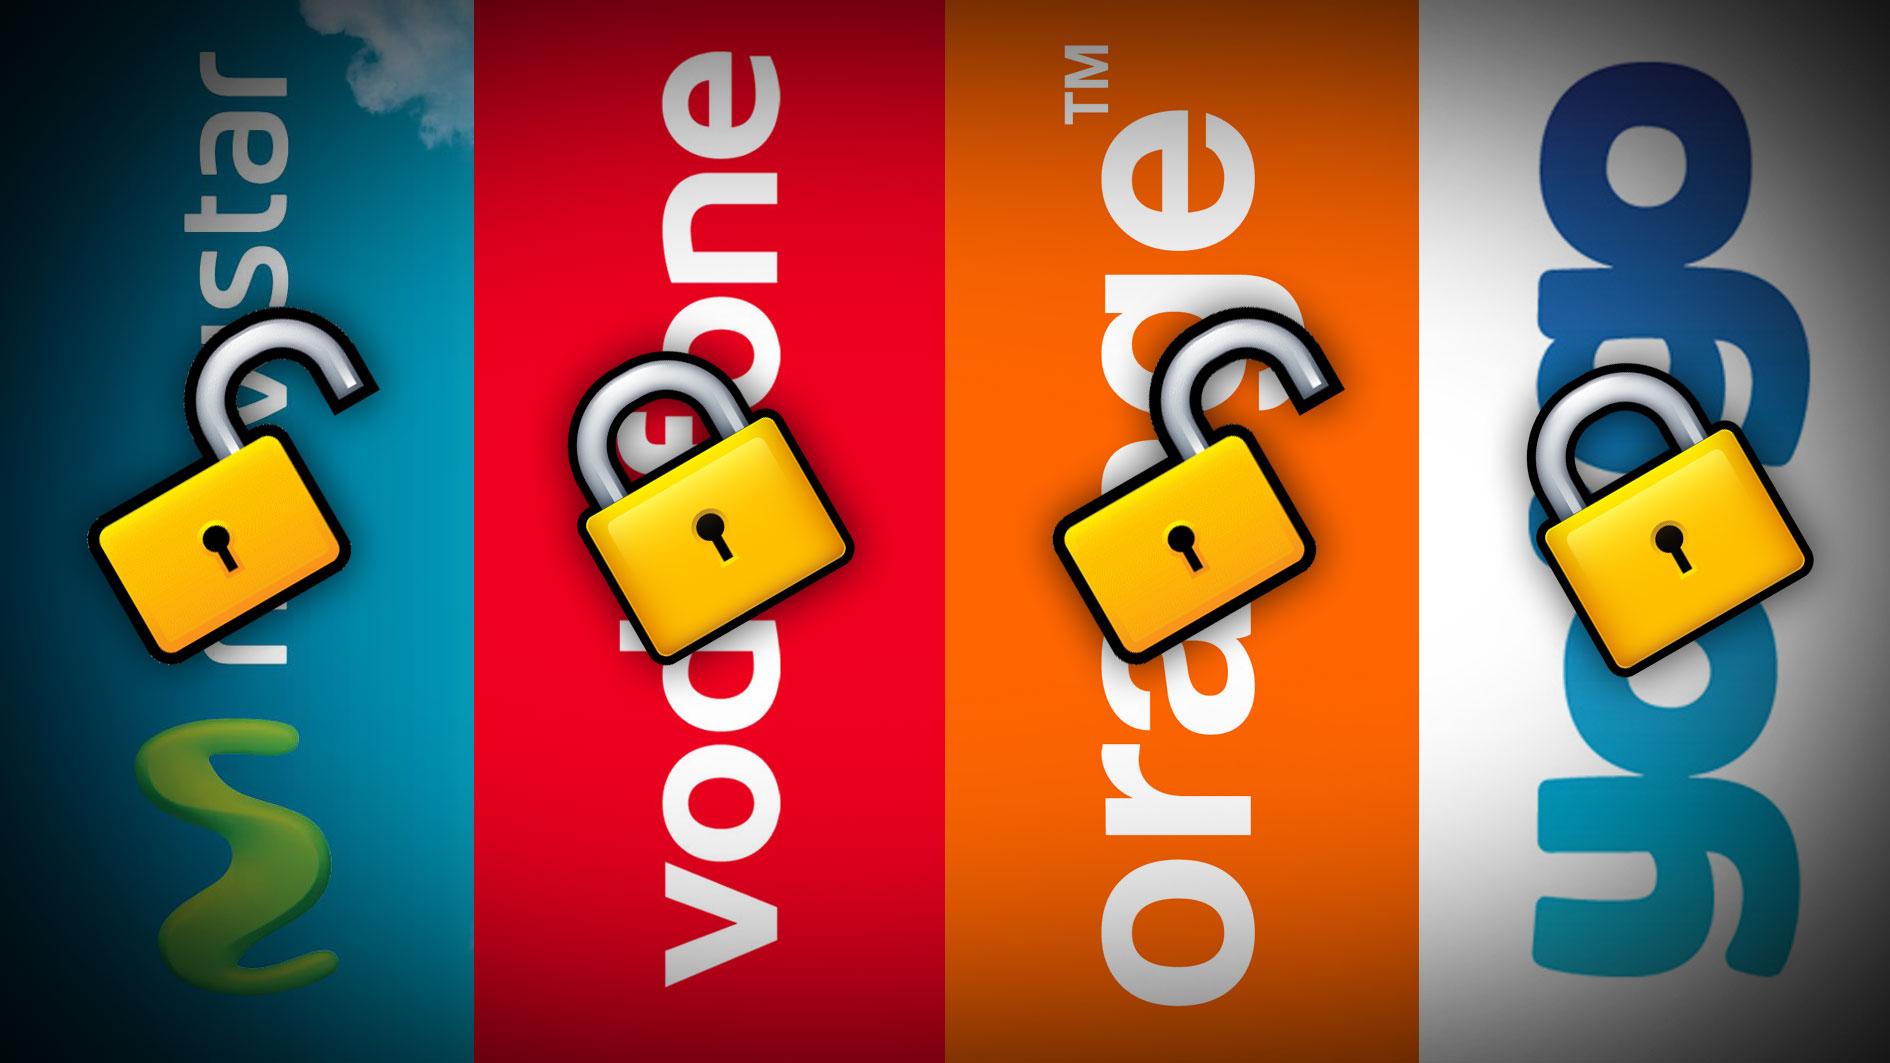 Movistar ya libera los móviles mientras Vodafone, Orange y Yoigo acumulan denuncias #liberamimóvil